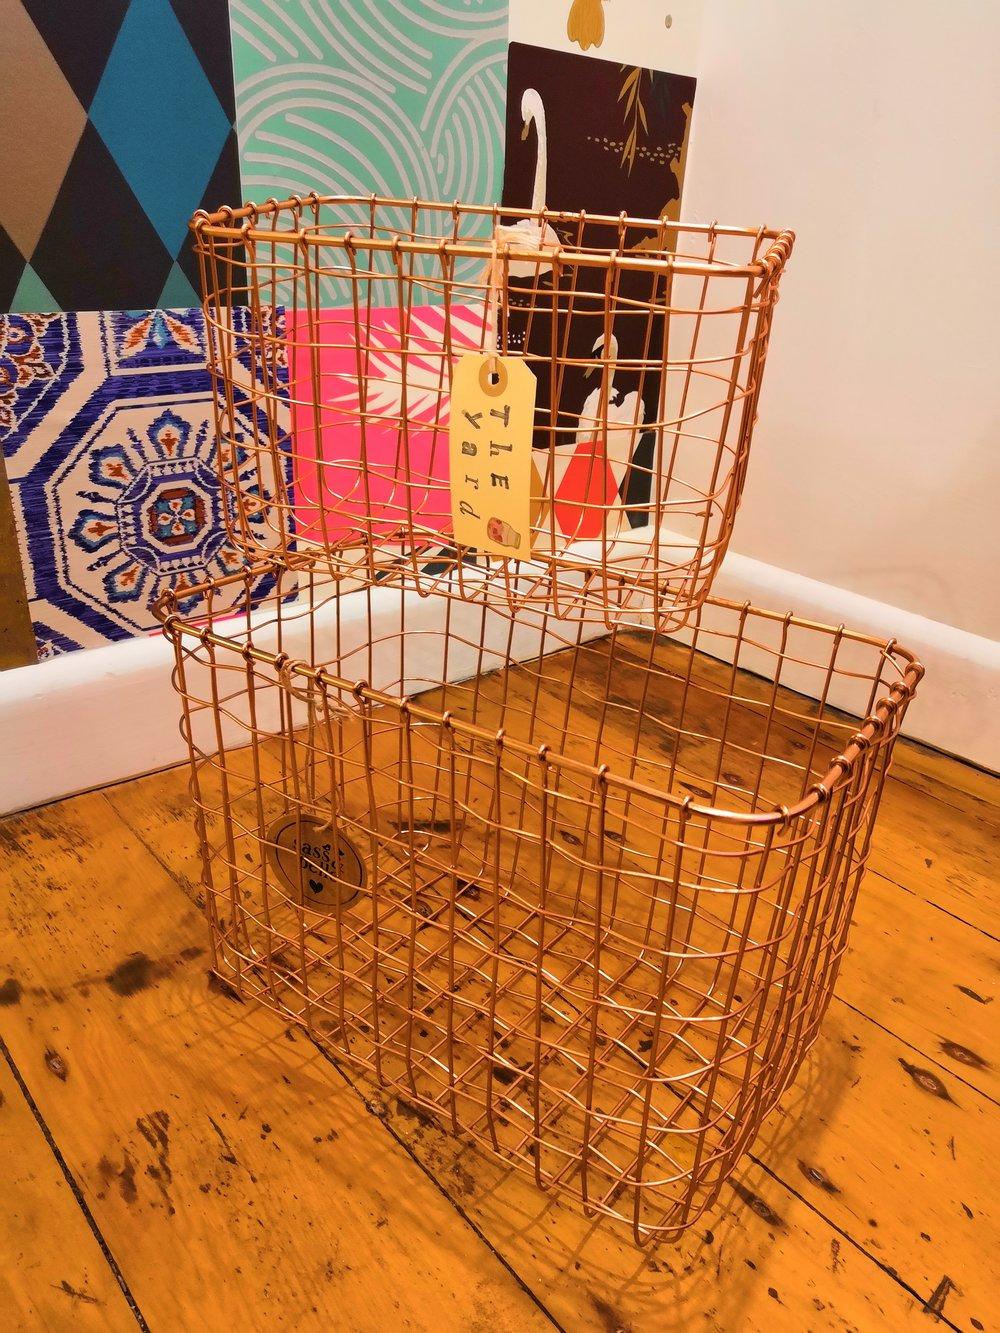 Copper storage baskets